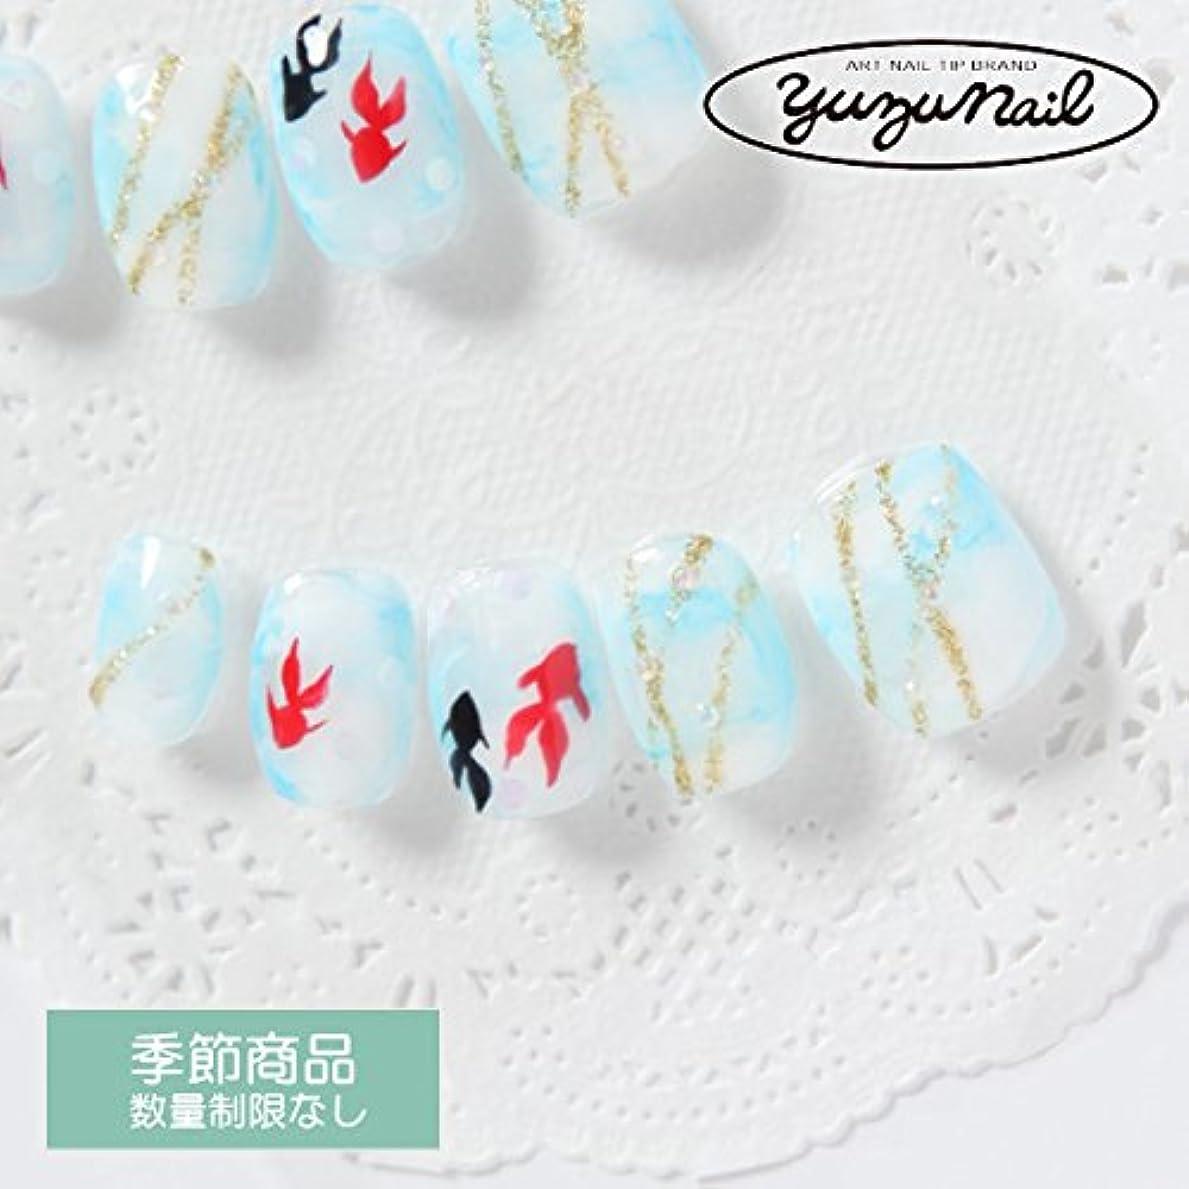 区画研磨剤出発ゆずネイル|ネイルチップ 薄ブルー 濃ブルー マーブル 動物 夏 浴衣(B01009-Q-C)